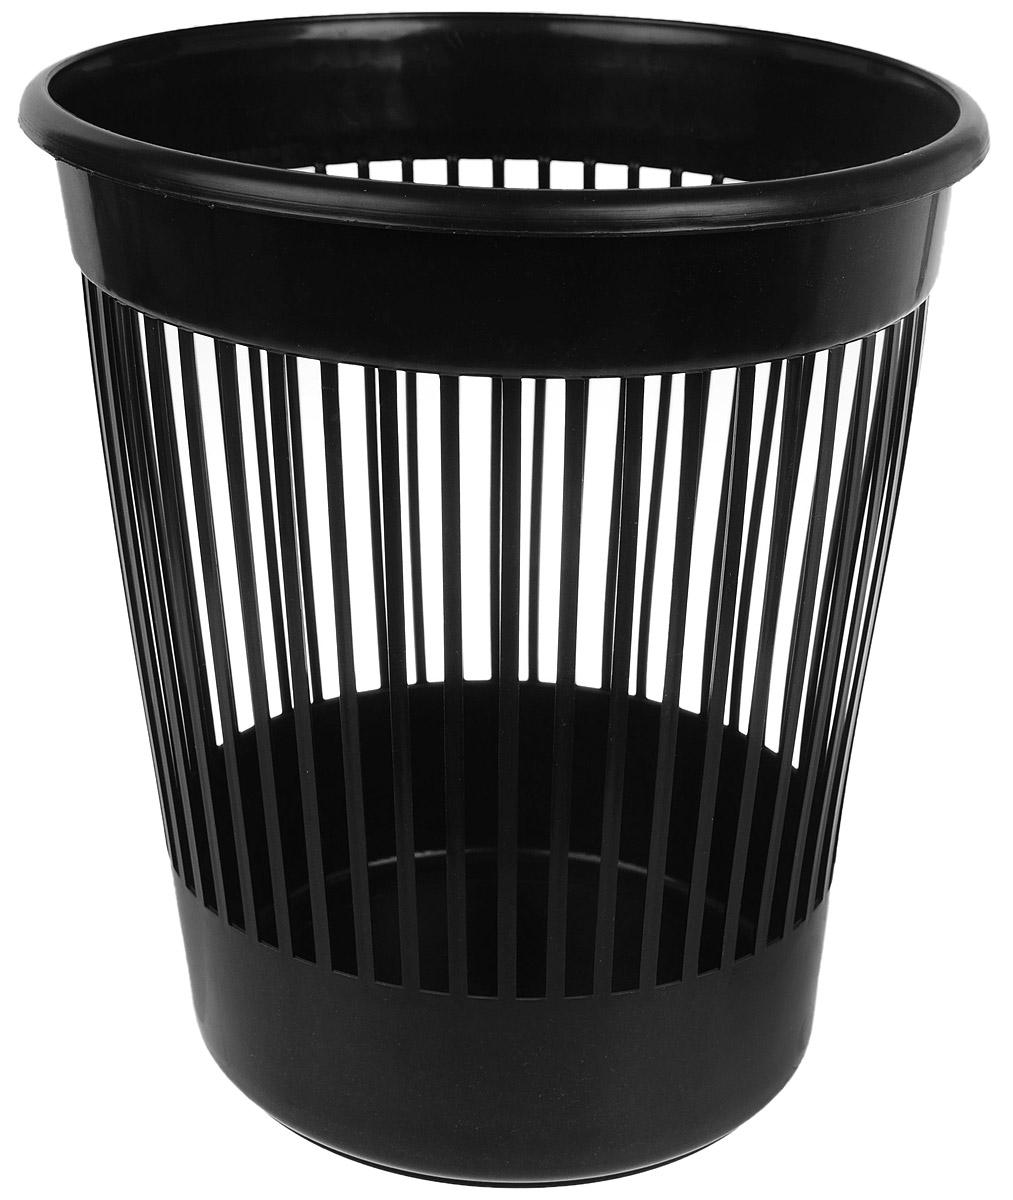 Корзина для бумаг Алеана, цвет: черный, 12 л122052_черныйКорзина Алеана, выполненная из высококачественного полипропилена, предназначена для сбора мелкого мусора и бумаг. Стенки изделия с перфорацией. Такая корзина поможет содержать ваше рабочее место в порядке, а лаконичный дизайн отлично впишется в любой интерьер дома или офиса. Диаметр корзины (по верхнему краю): 28 см. Высота корзины: 30 см.